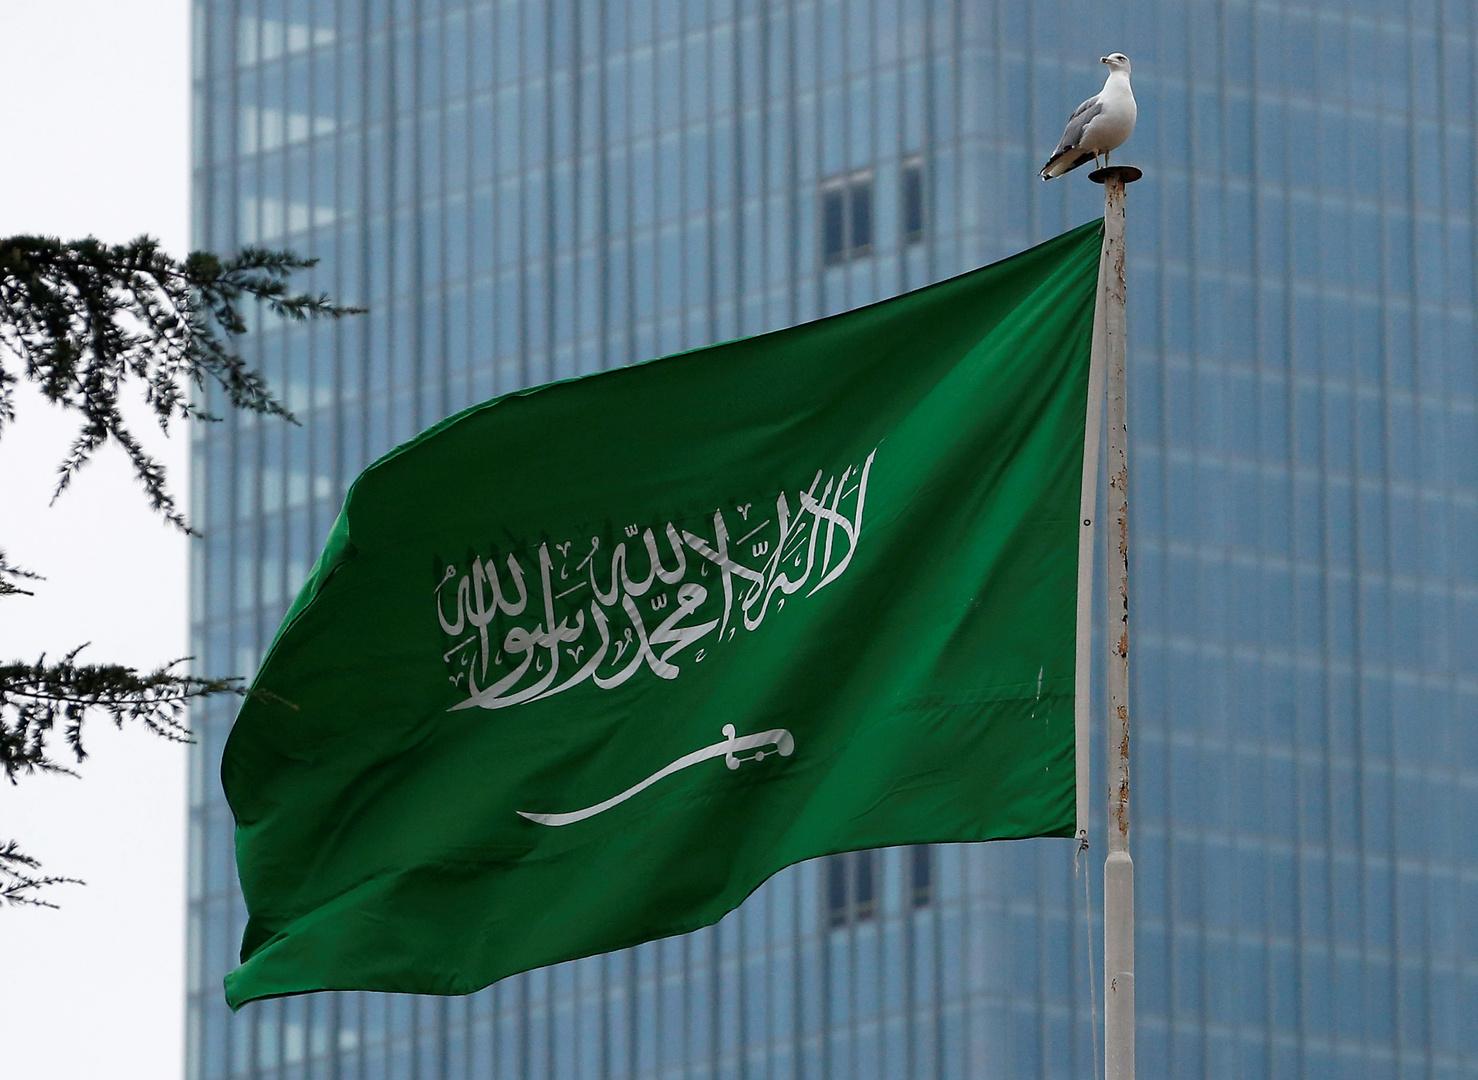 الديوان الملكي السعودي يعلن وفاة أميرة من الأسرة الحاكمة